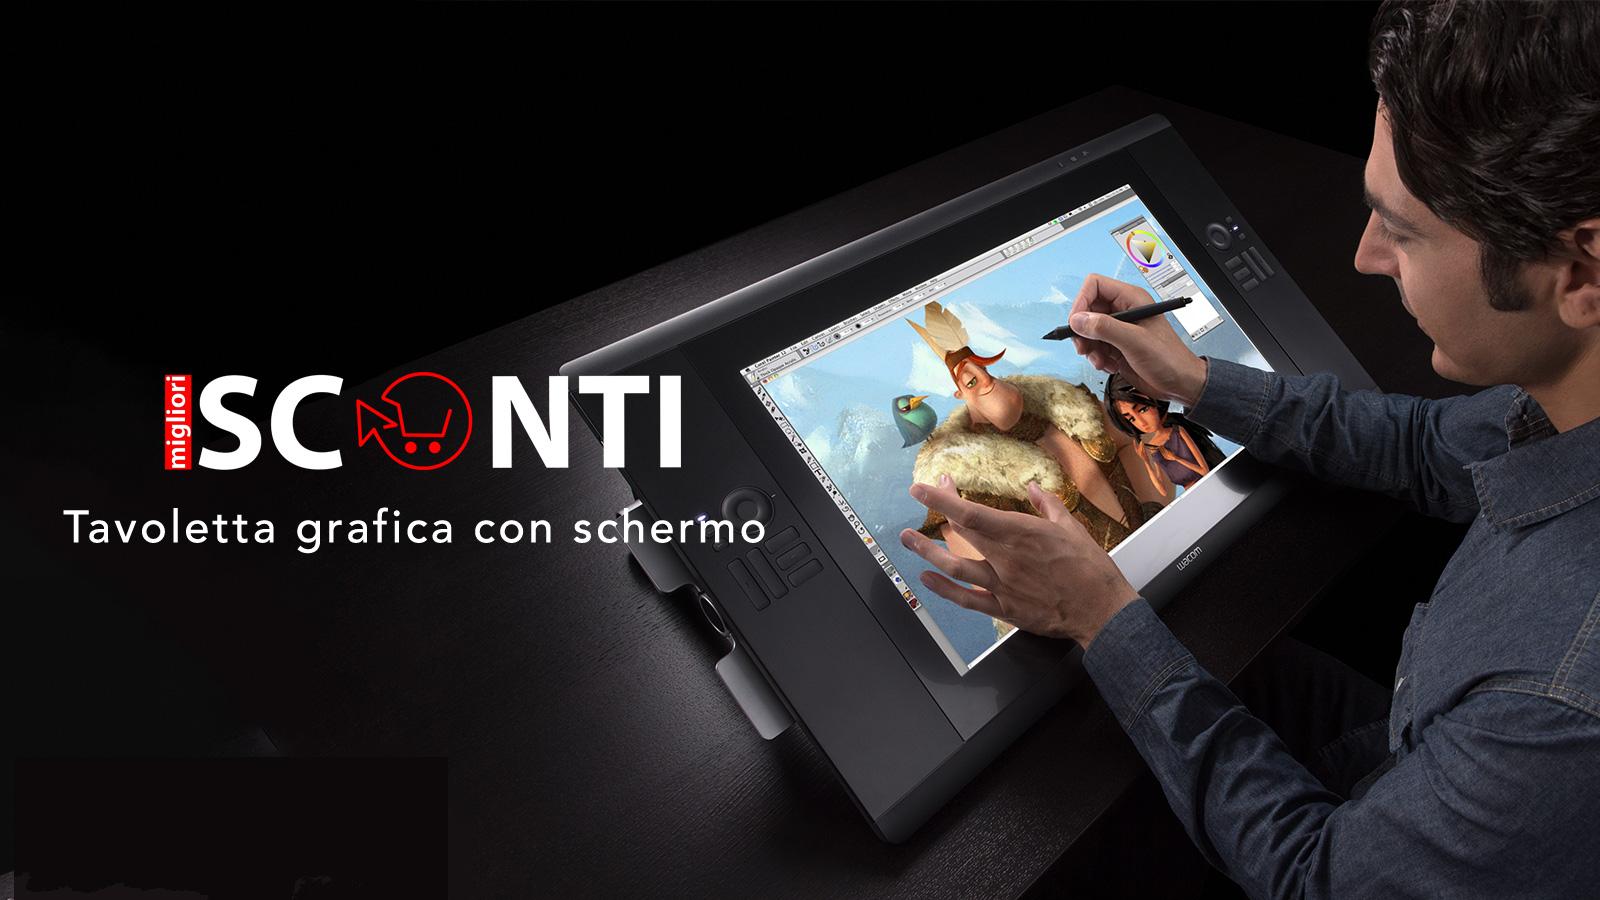 tavoletta grafica con schermo